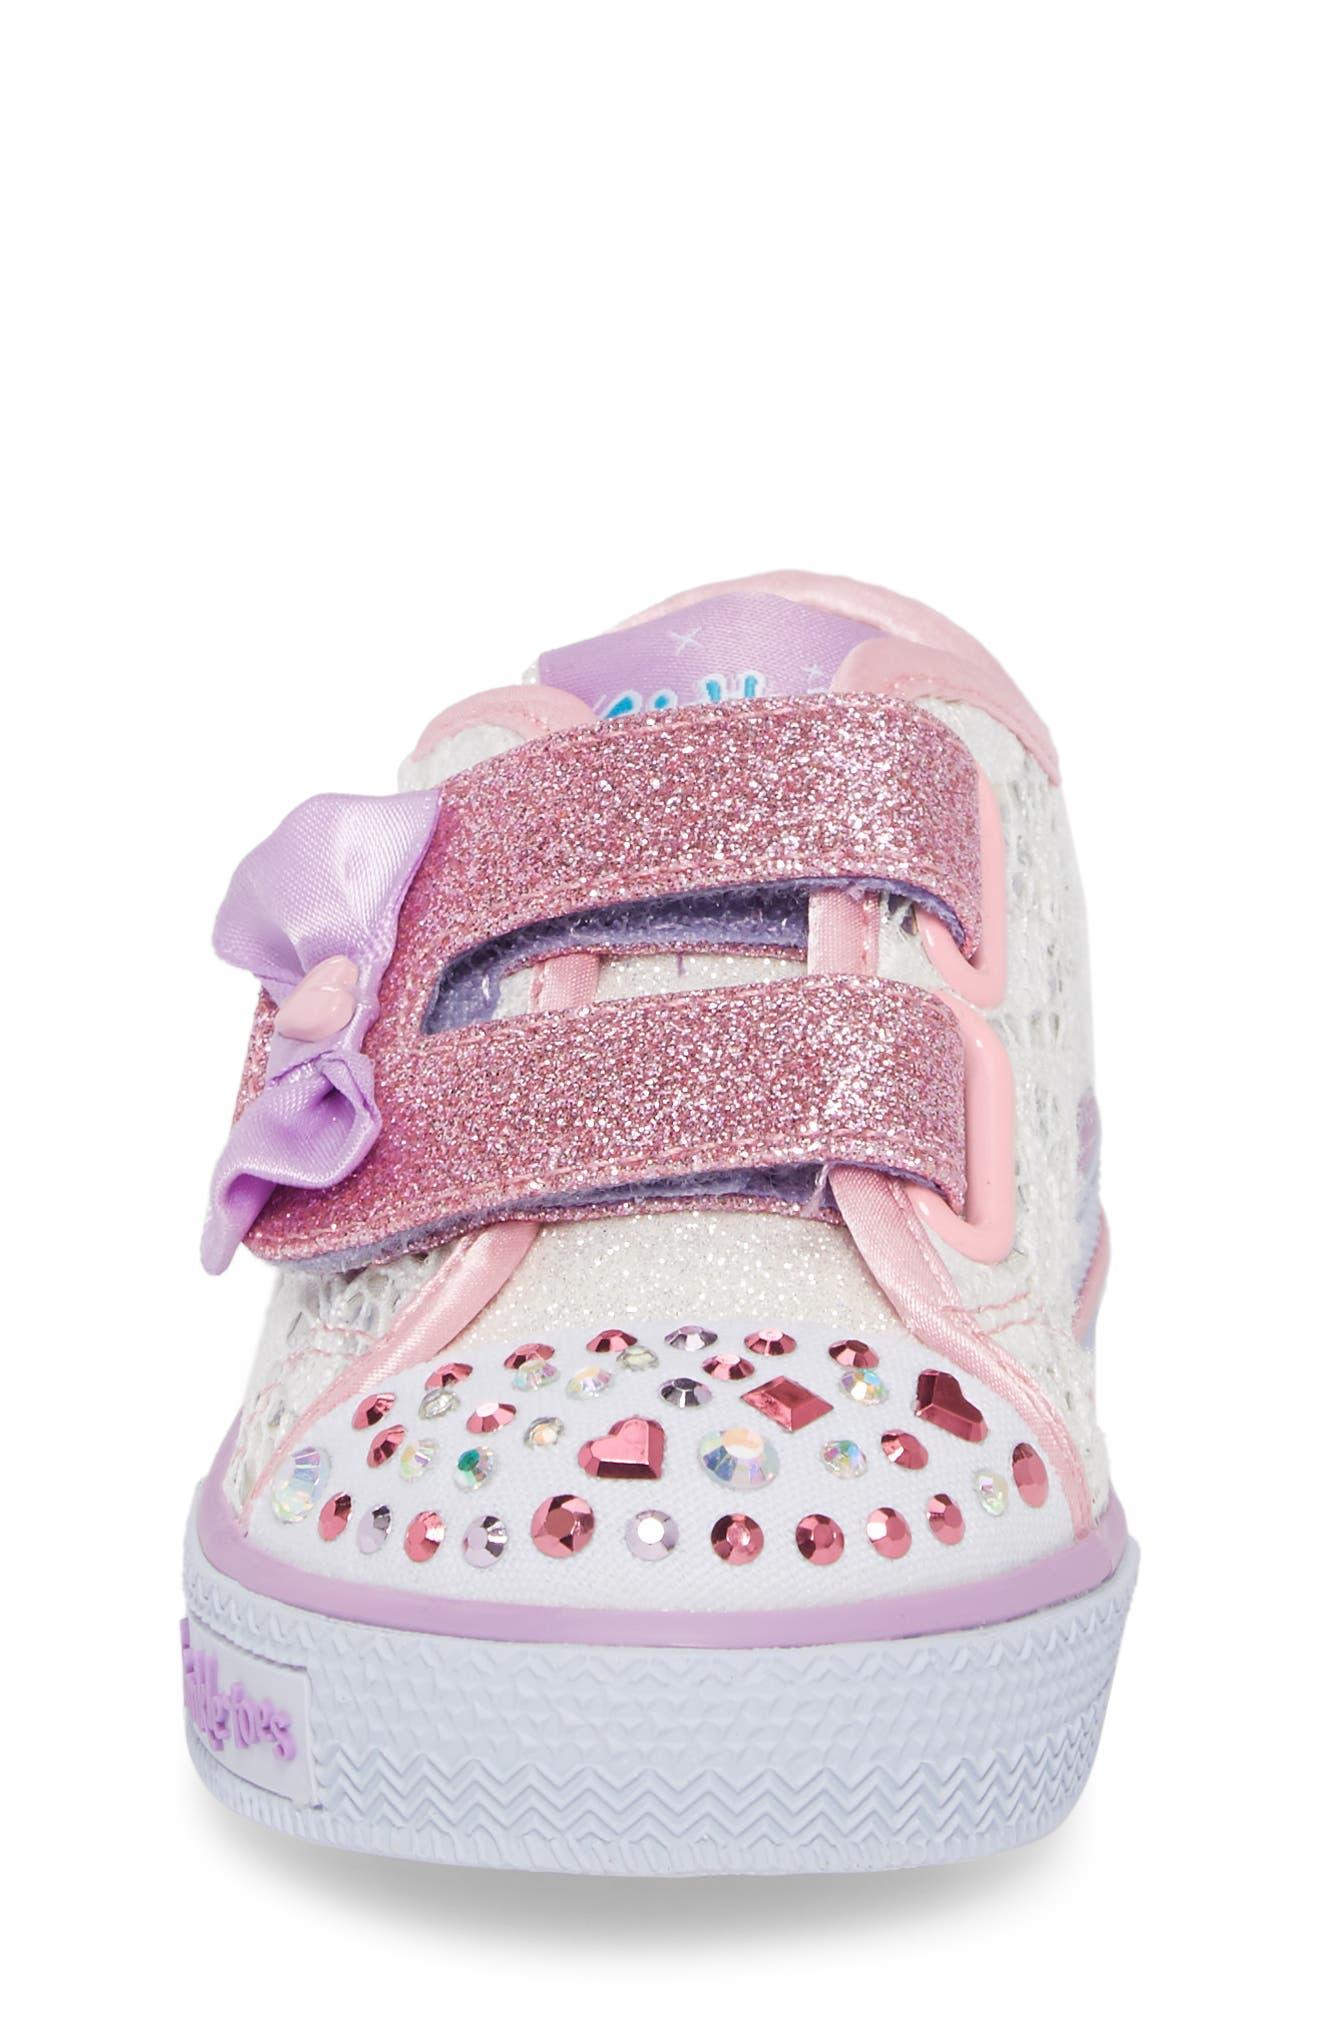 Twinkle Toes Shuffles Light-Up Glitter Sneaker,                             Alternate thumbnail 4, color,                             100